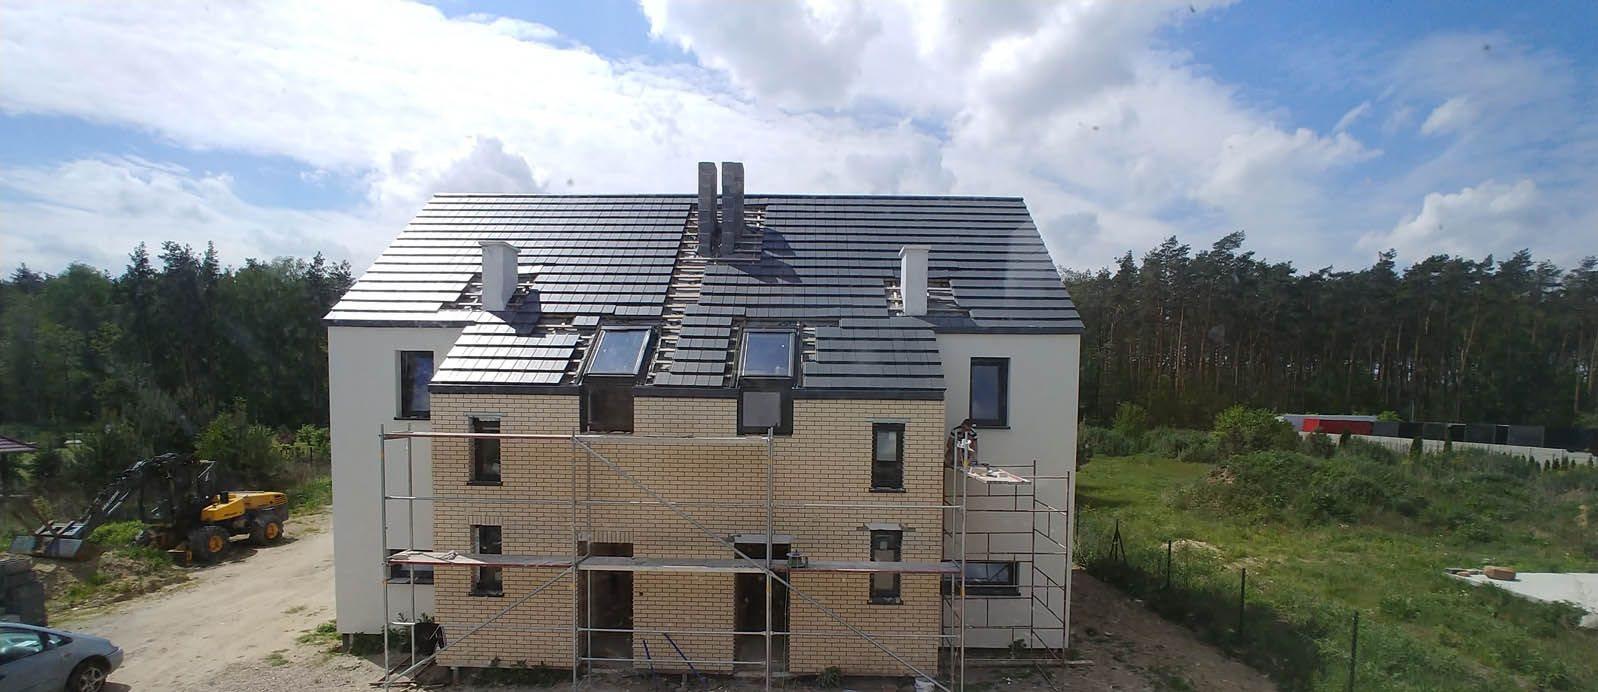 Dom na sprzedaż Wrocław, Zakrzów, okulickiego  120m2 Foto 1